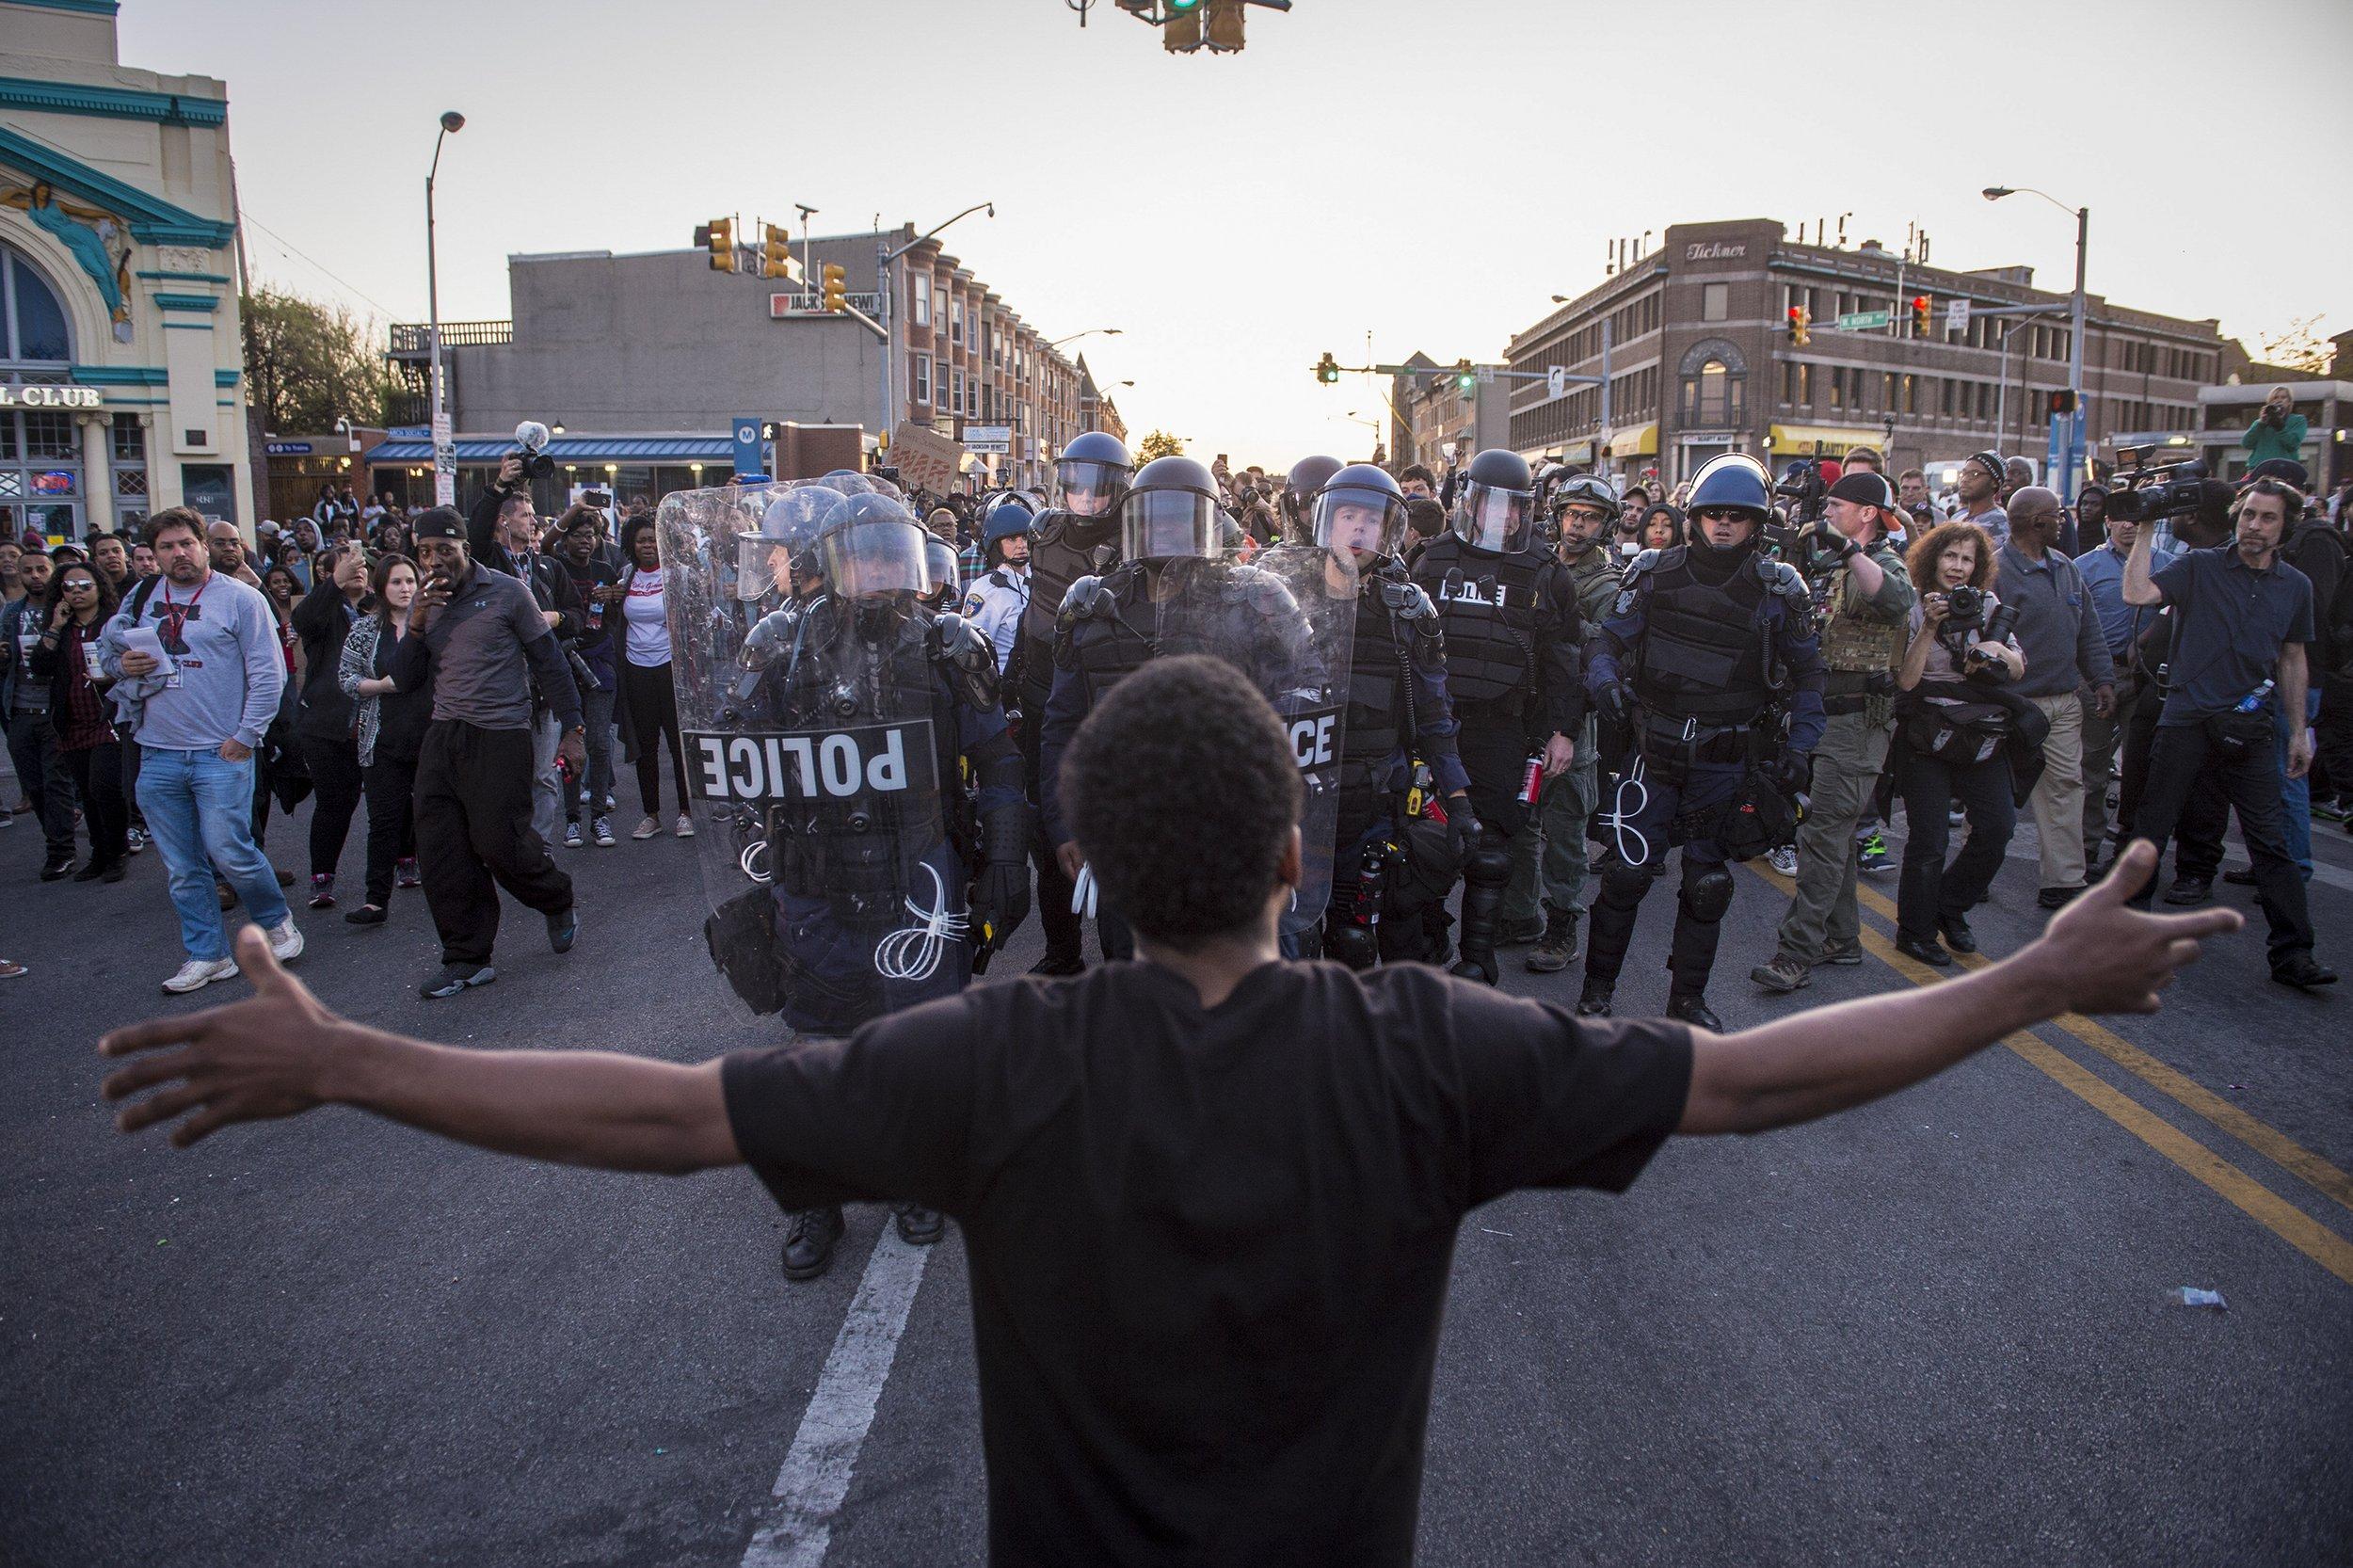 grayprotestors